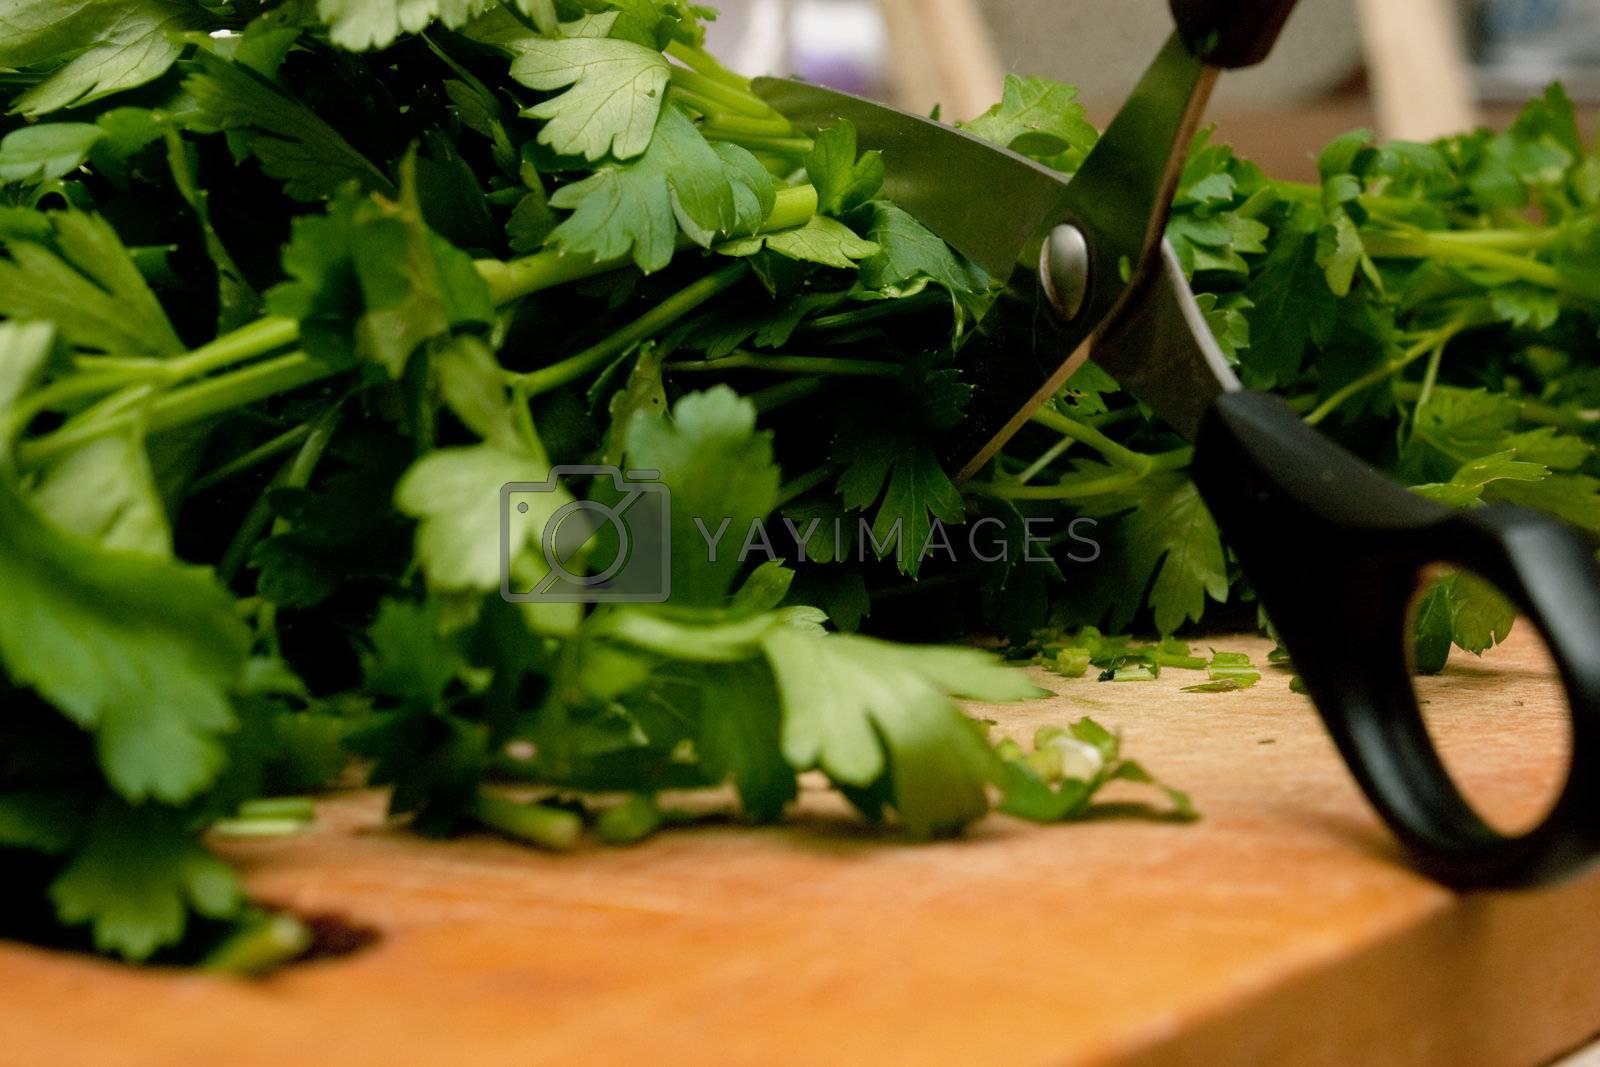 Parsley on a cutting board